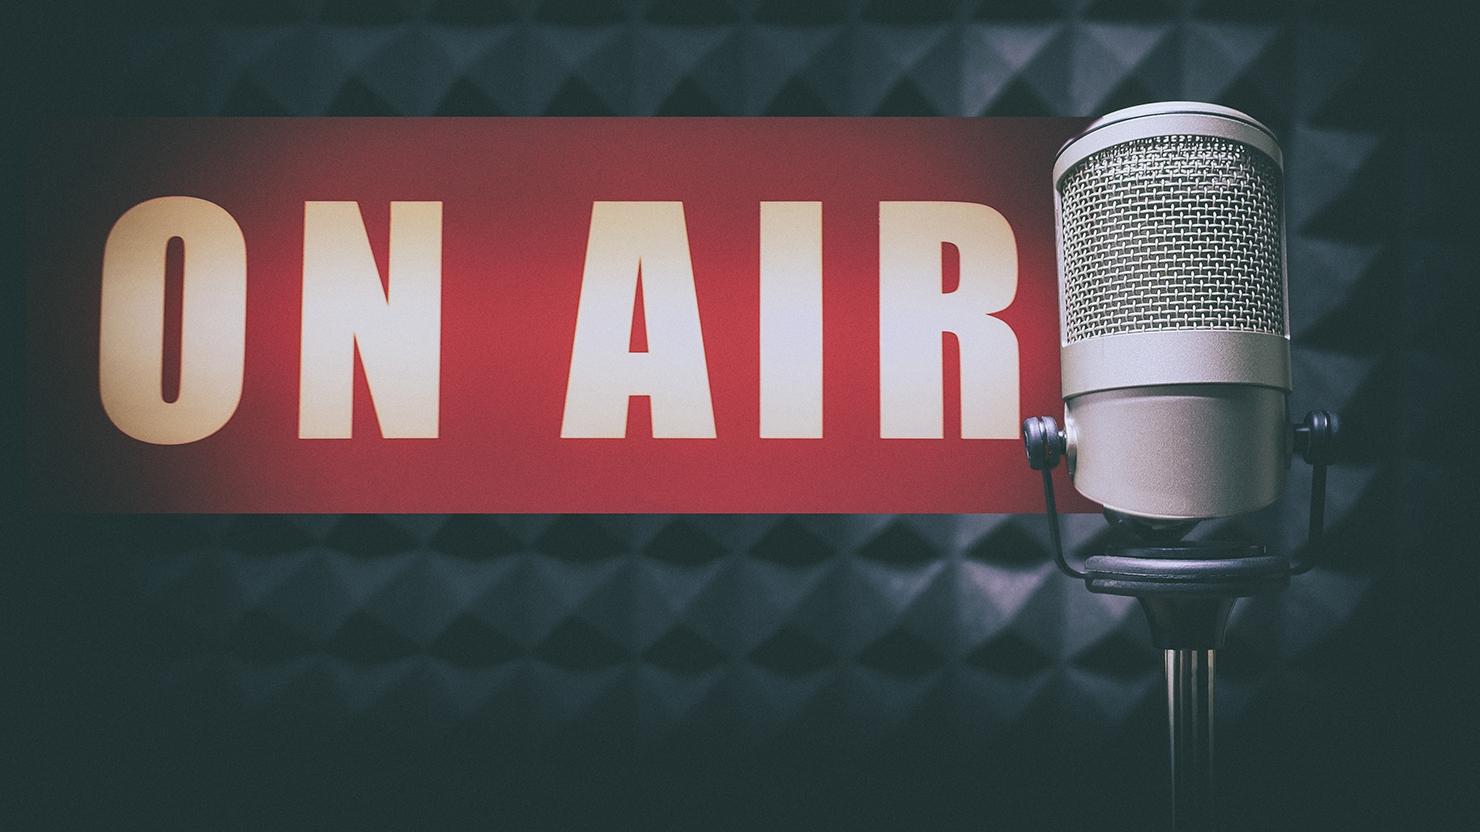 La web radio, antidoto contro l'isolamento da quarantena